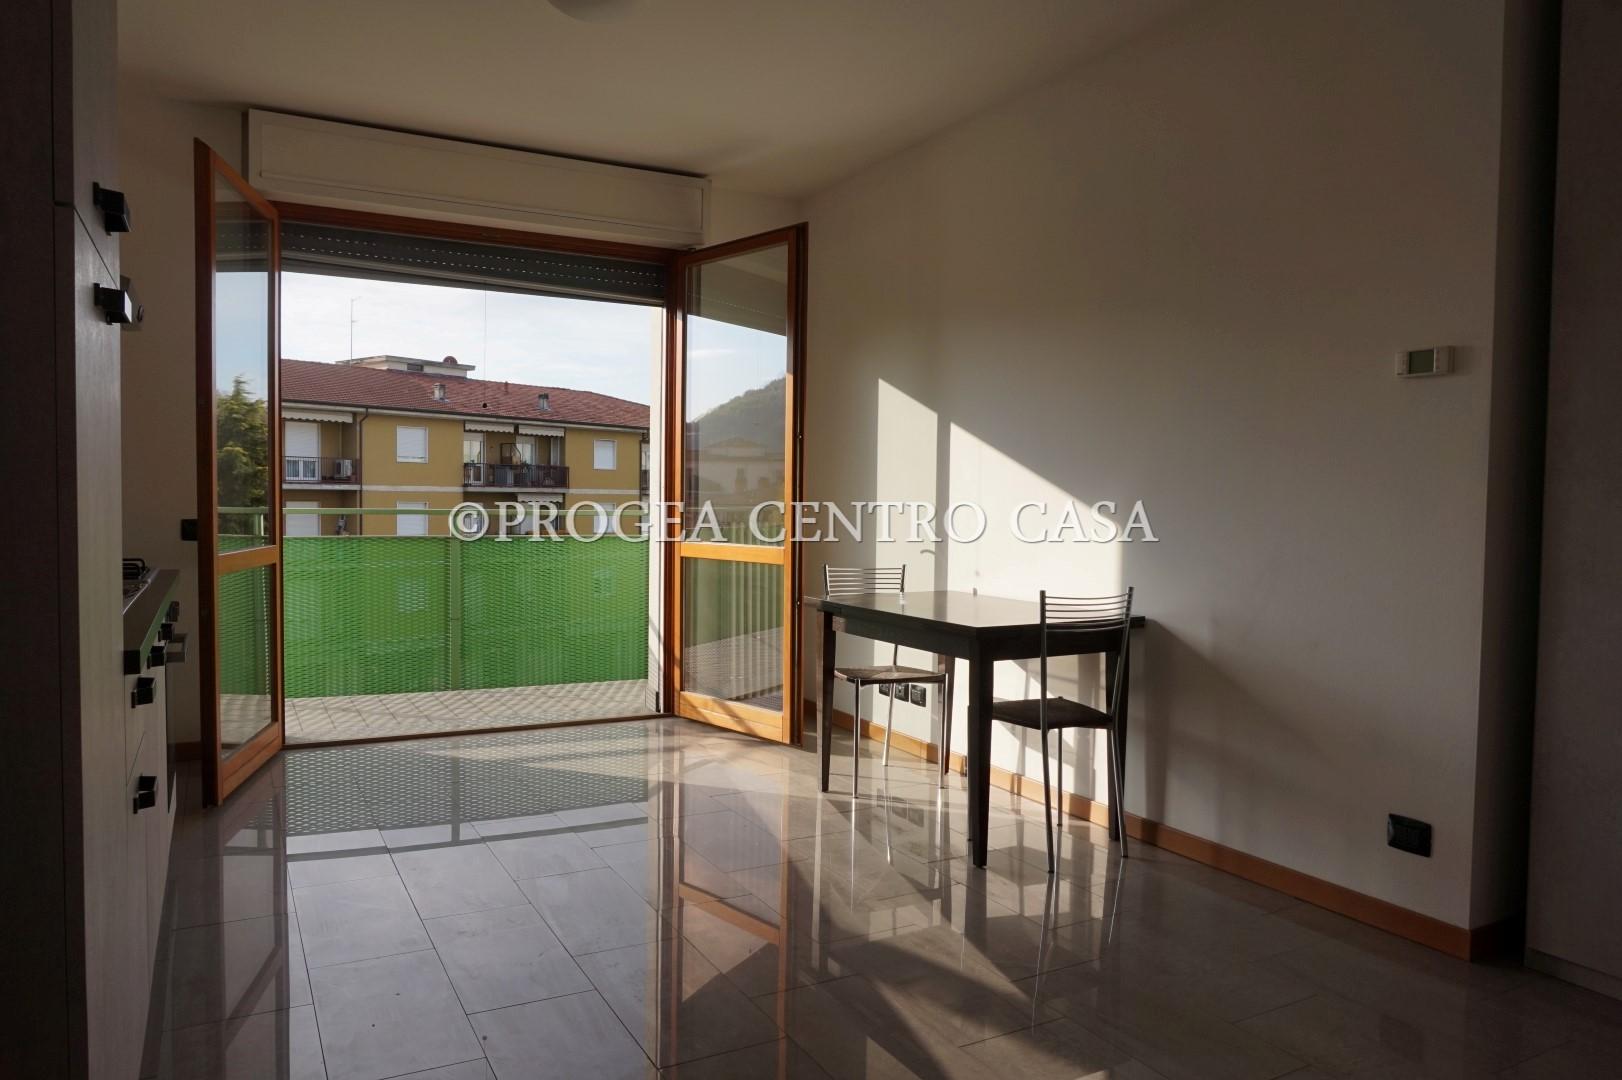 Monolocale arredato in affitto ad Albano Sant'Alessandro